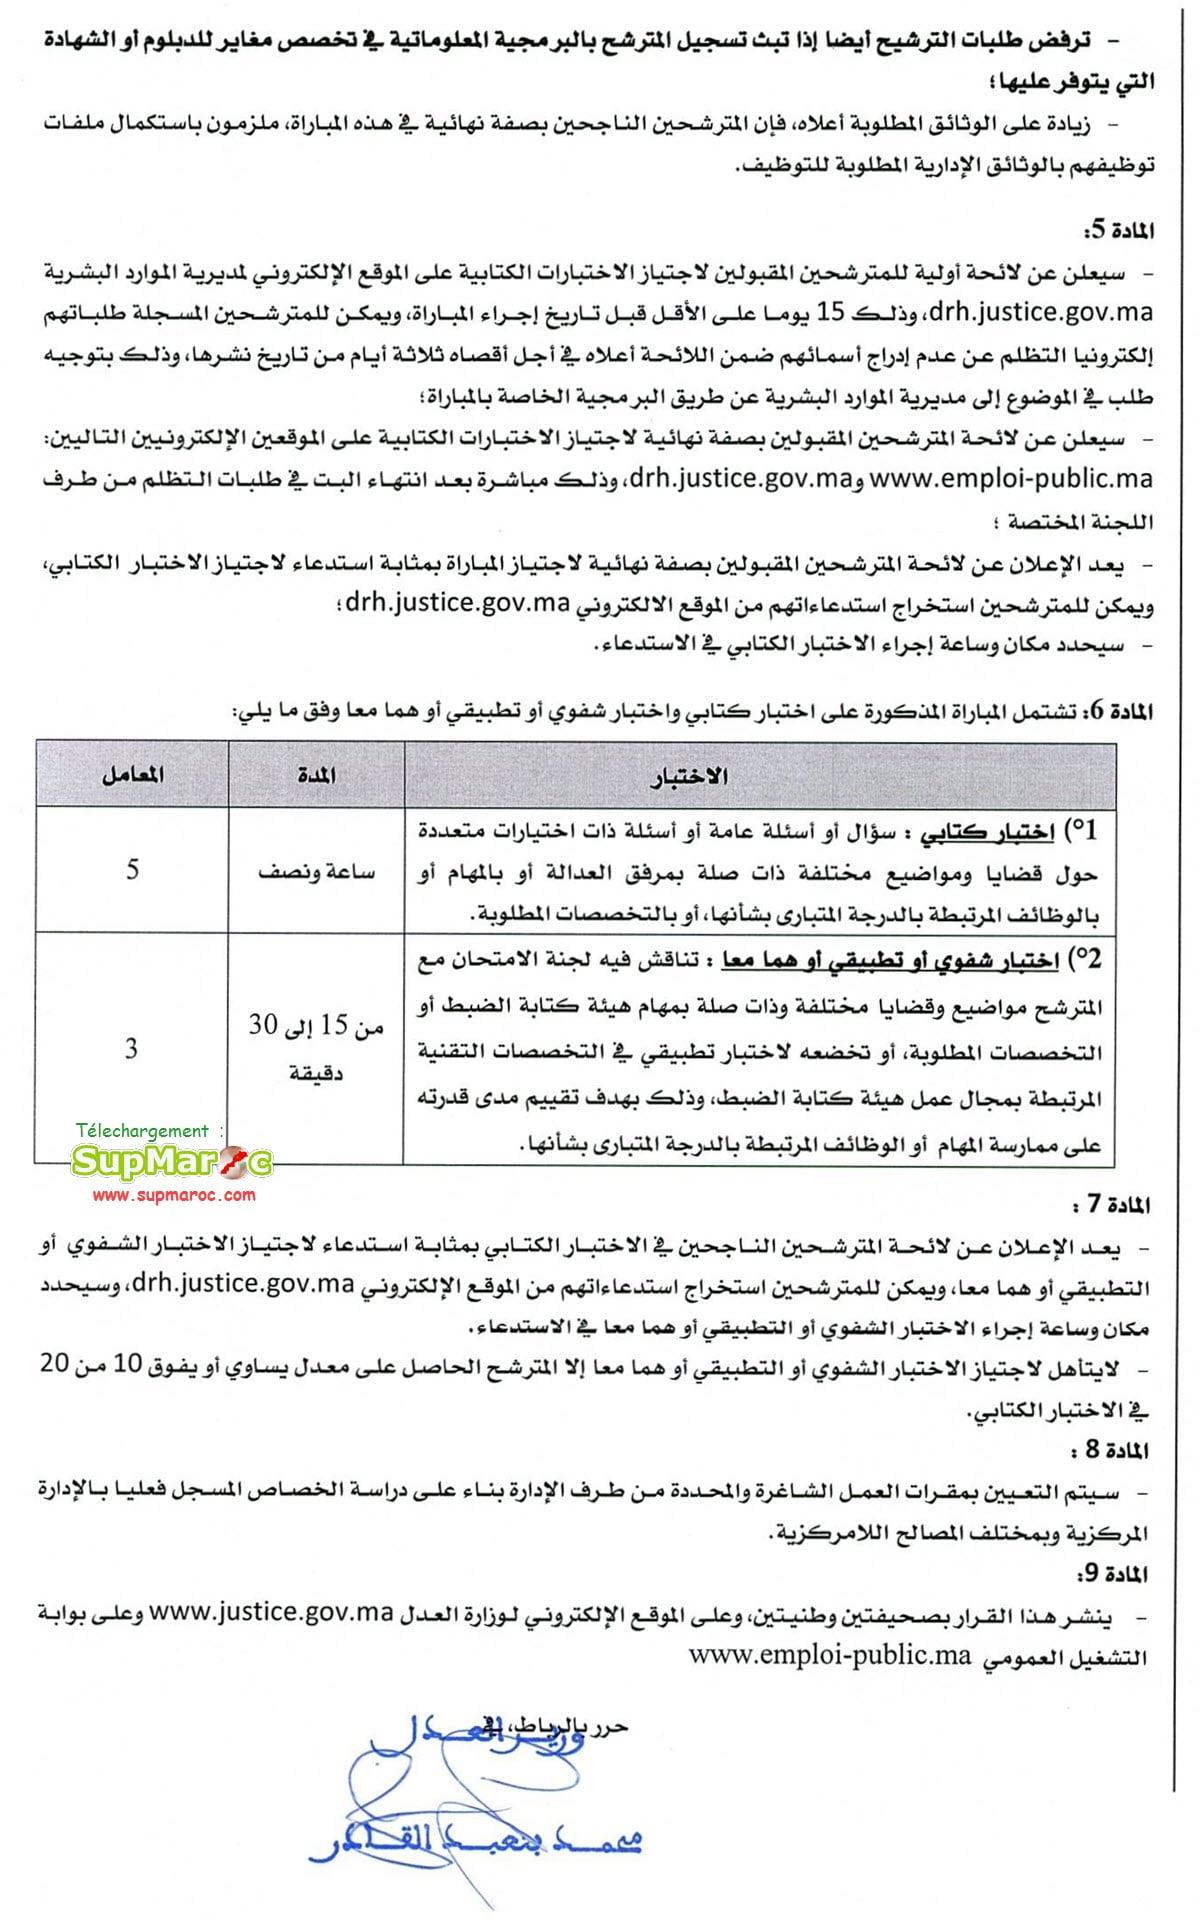 مباراة لتوظيف 116 محررا قضائيا وزارة العدل 2021 concours de recrutement de 116 Rédacteurs Judiciaires 3ème grade